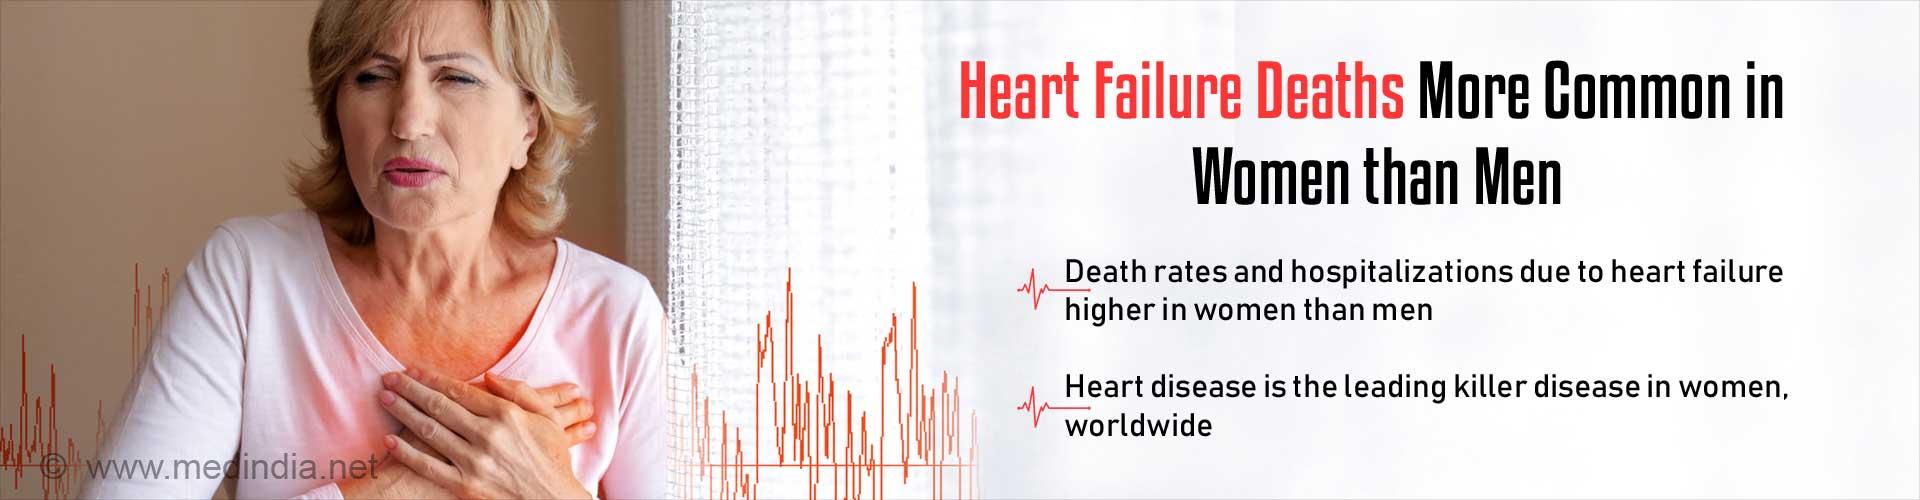 More Women Than Men Die Due To Heart Failure